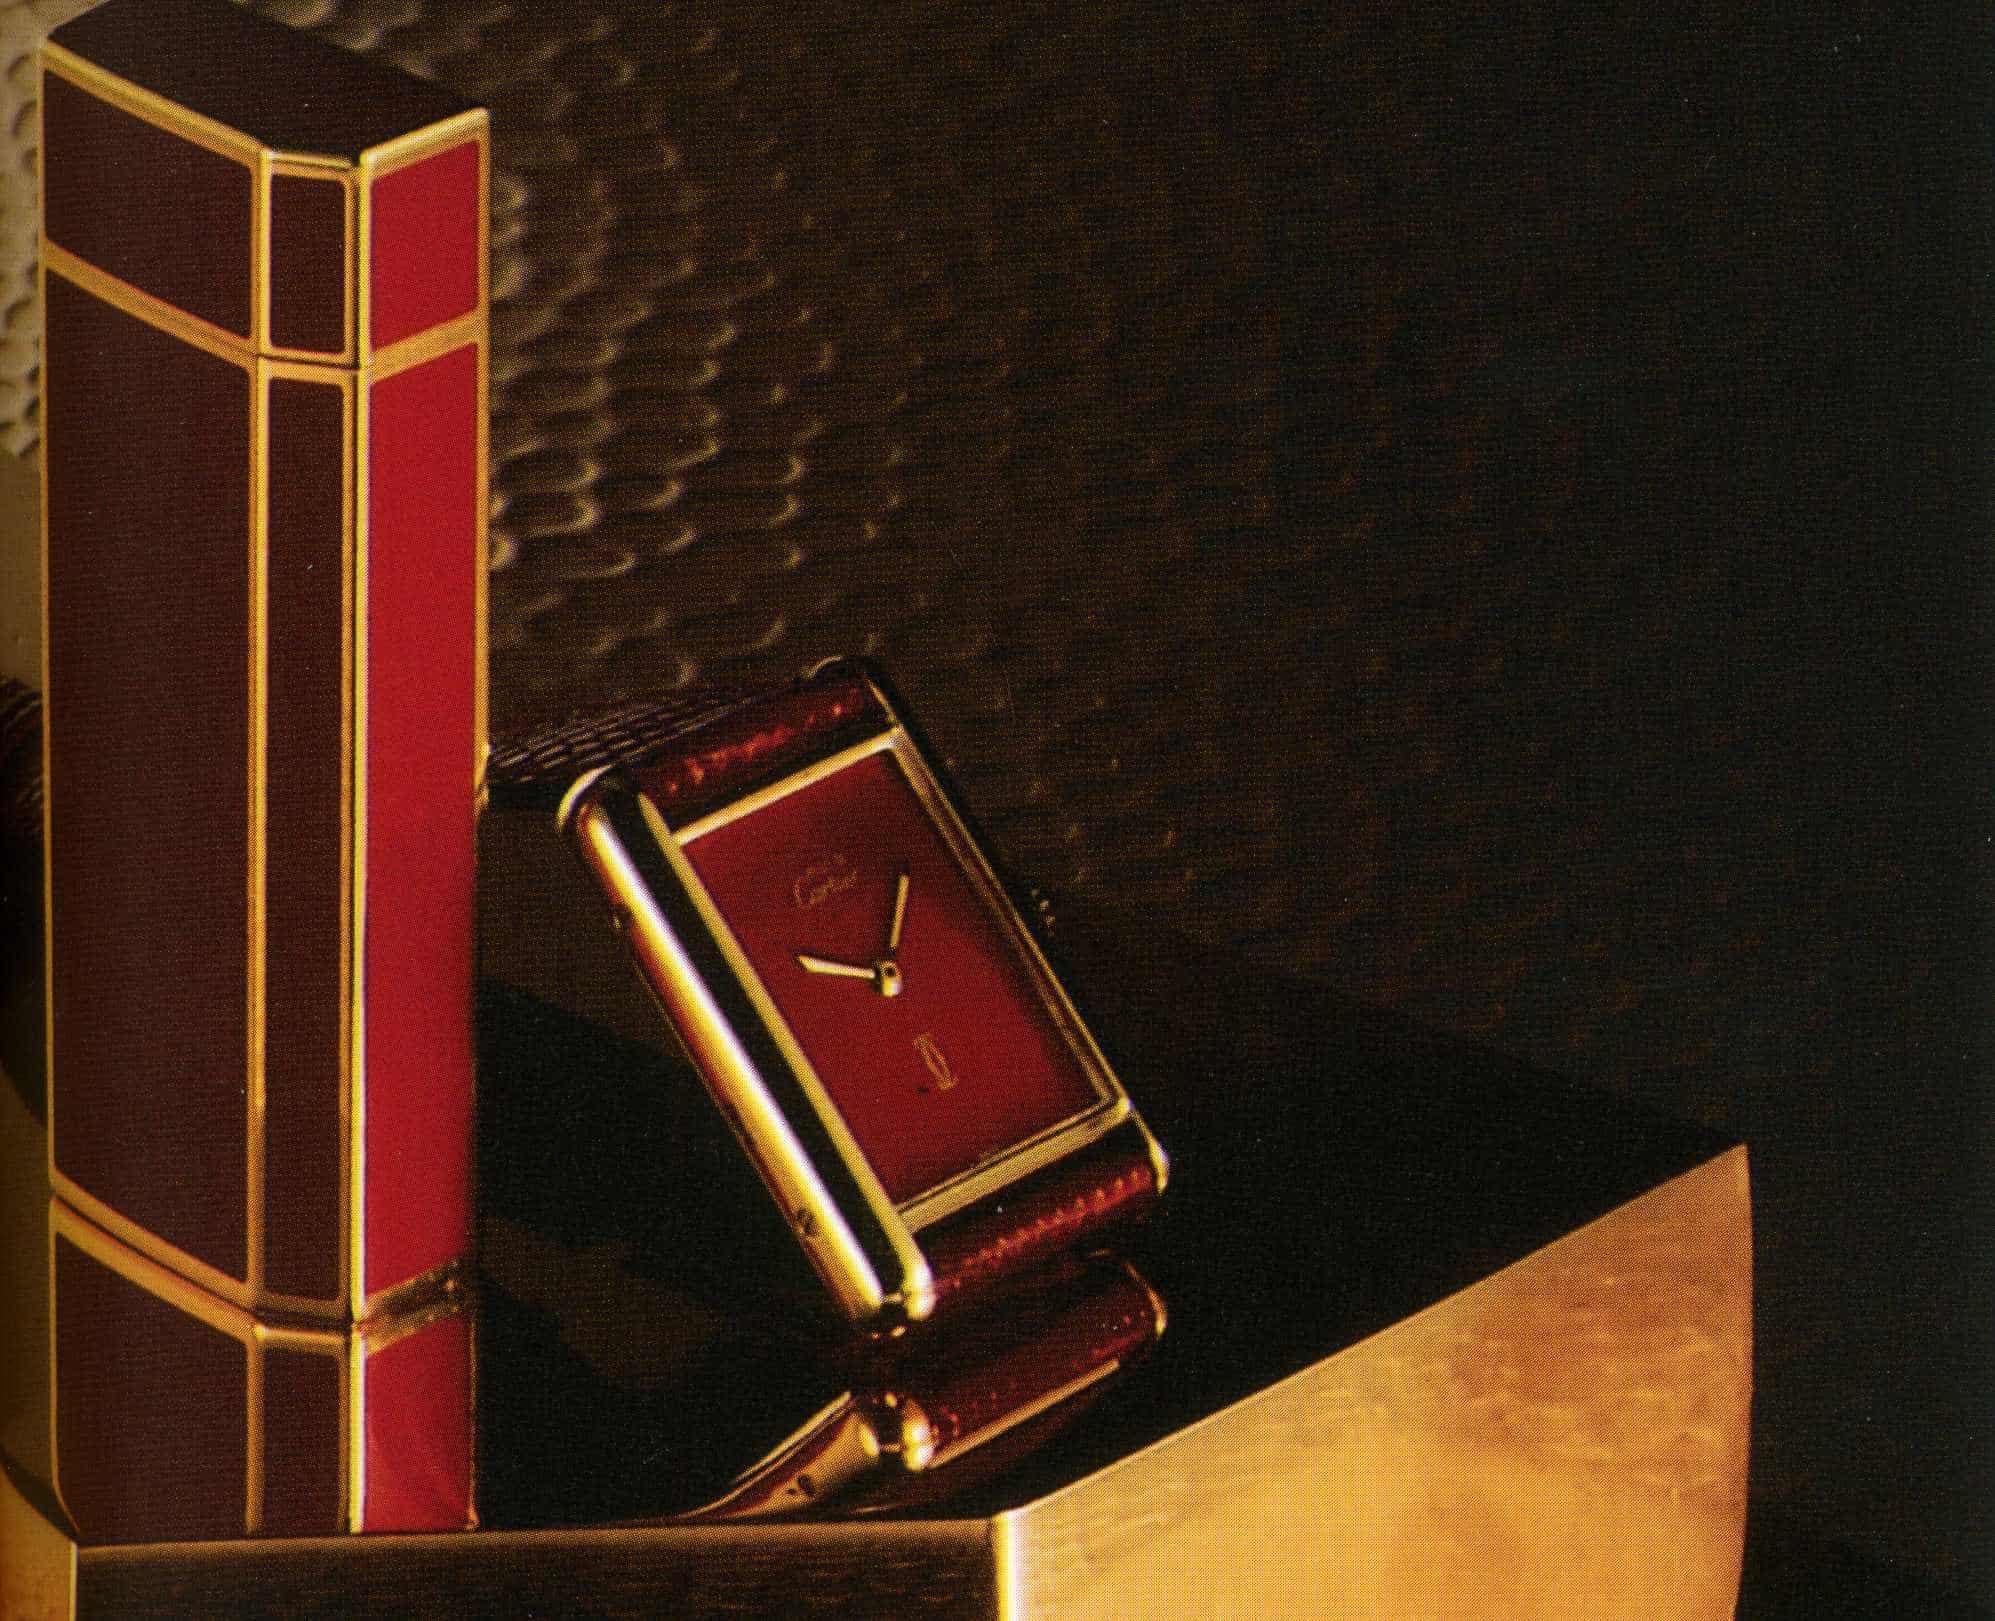 Cartier Must de Cartier Linie mit Feuerzeug, Uhr und weiteren Produkten von 1979